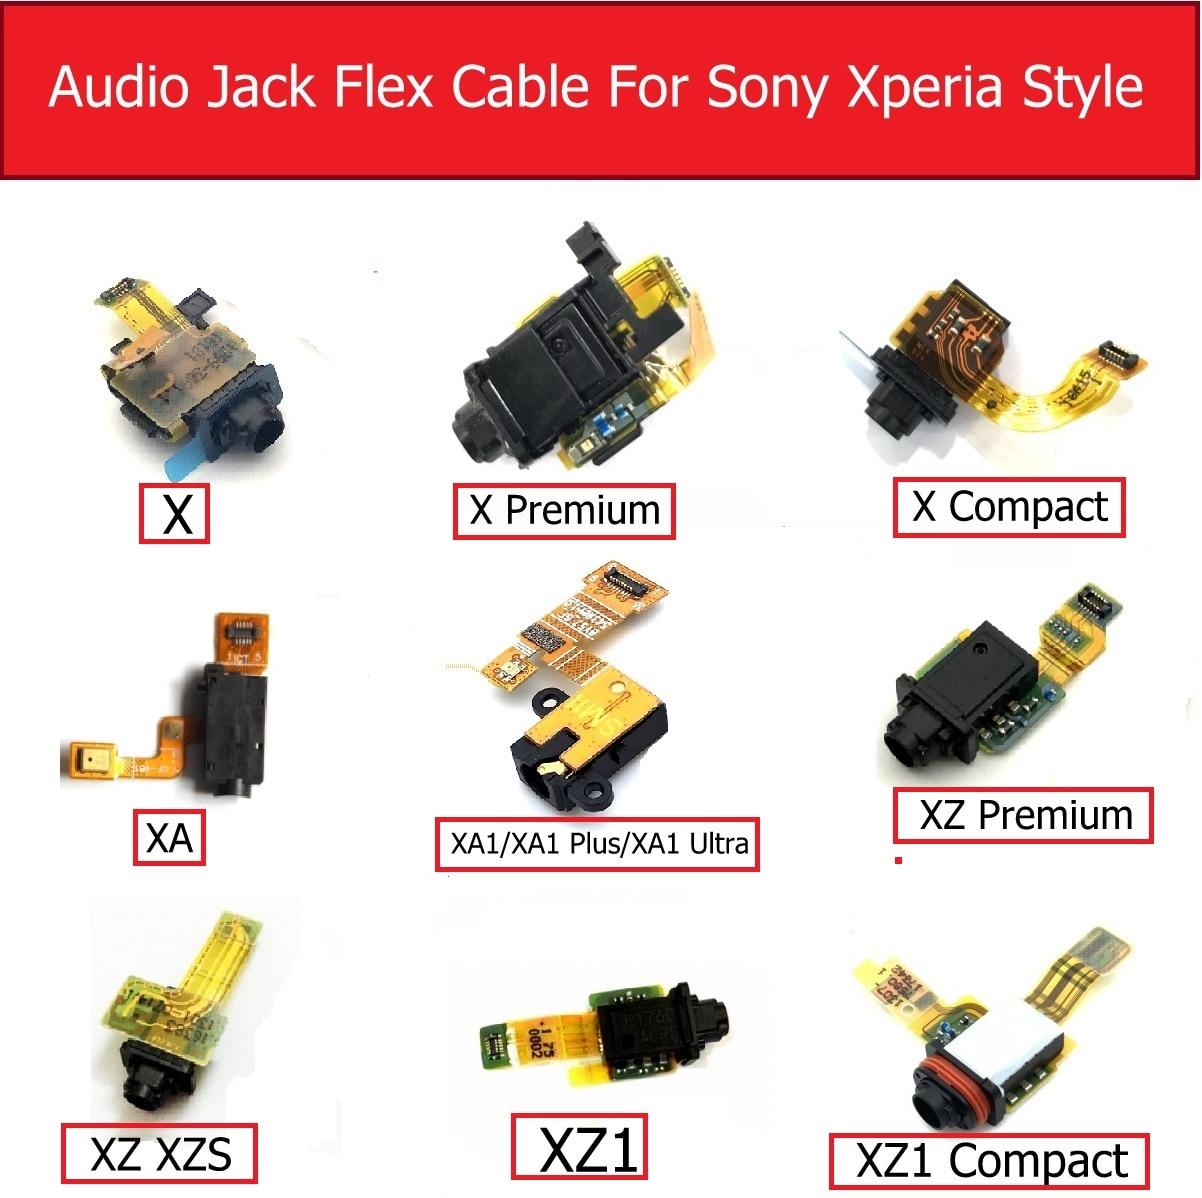 Dla Sony Xperia X/X Compact/X Performance/XA/XA1P/XA1 Ultra/XZ Premium/XZ/XZS/XZ1 mini Audio Jack Flex Cable naprawa części